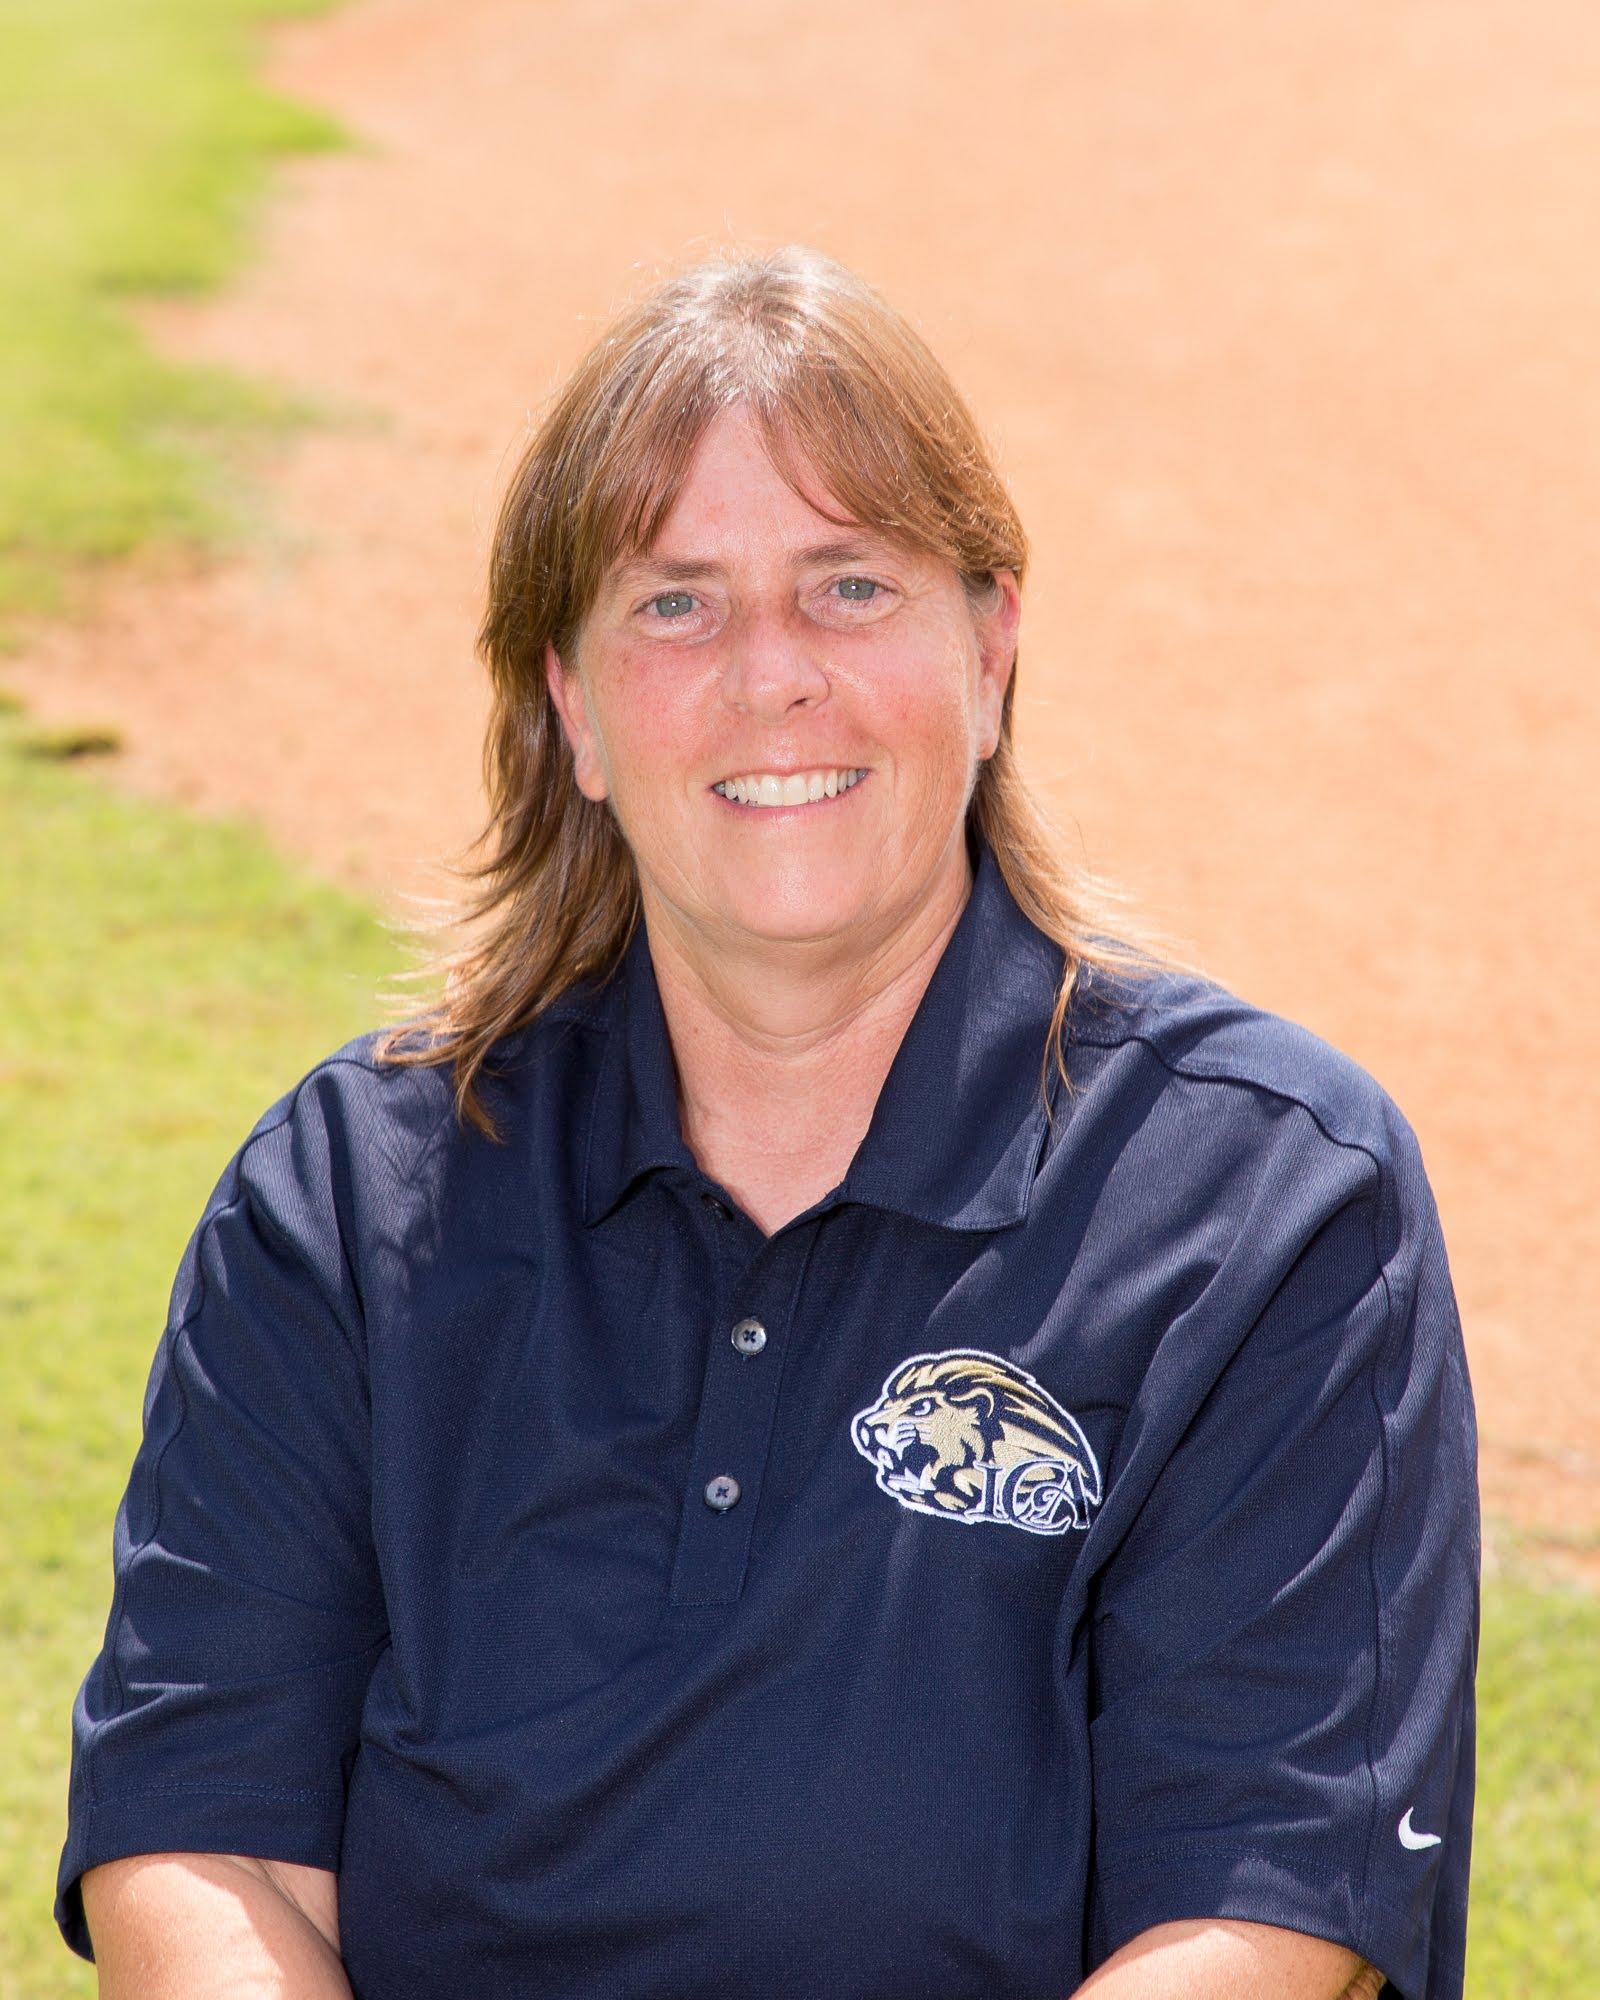 Asst Coach: Kathy Wengryn